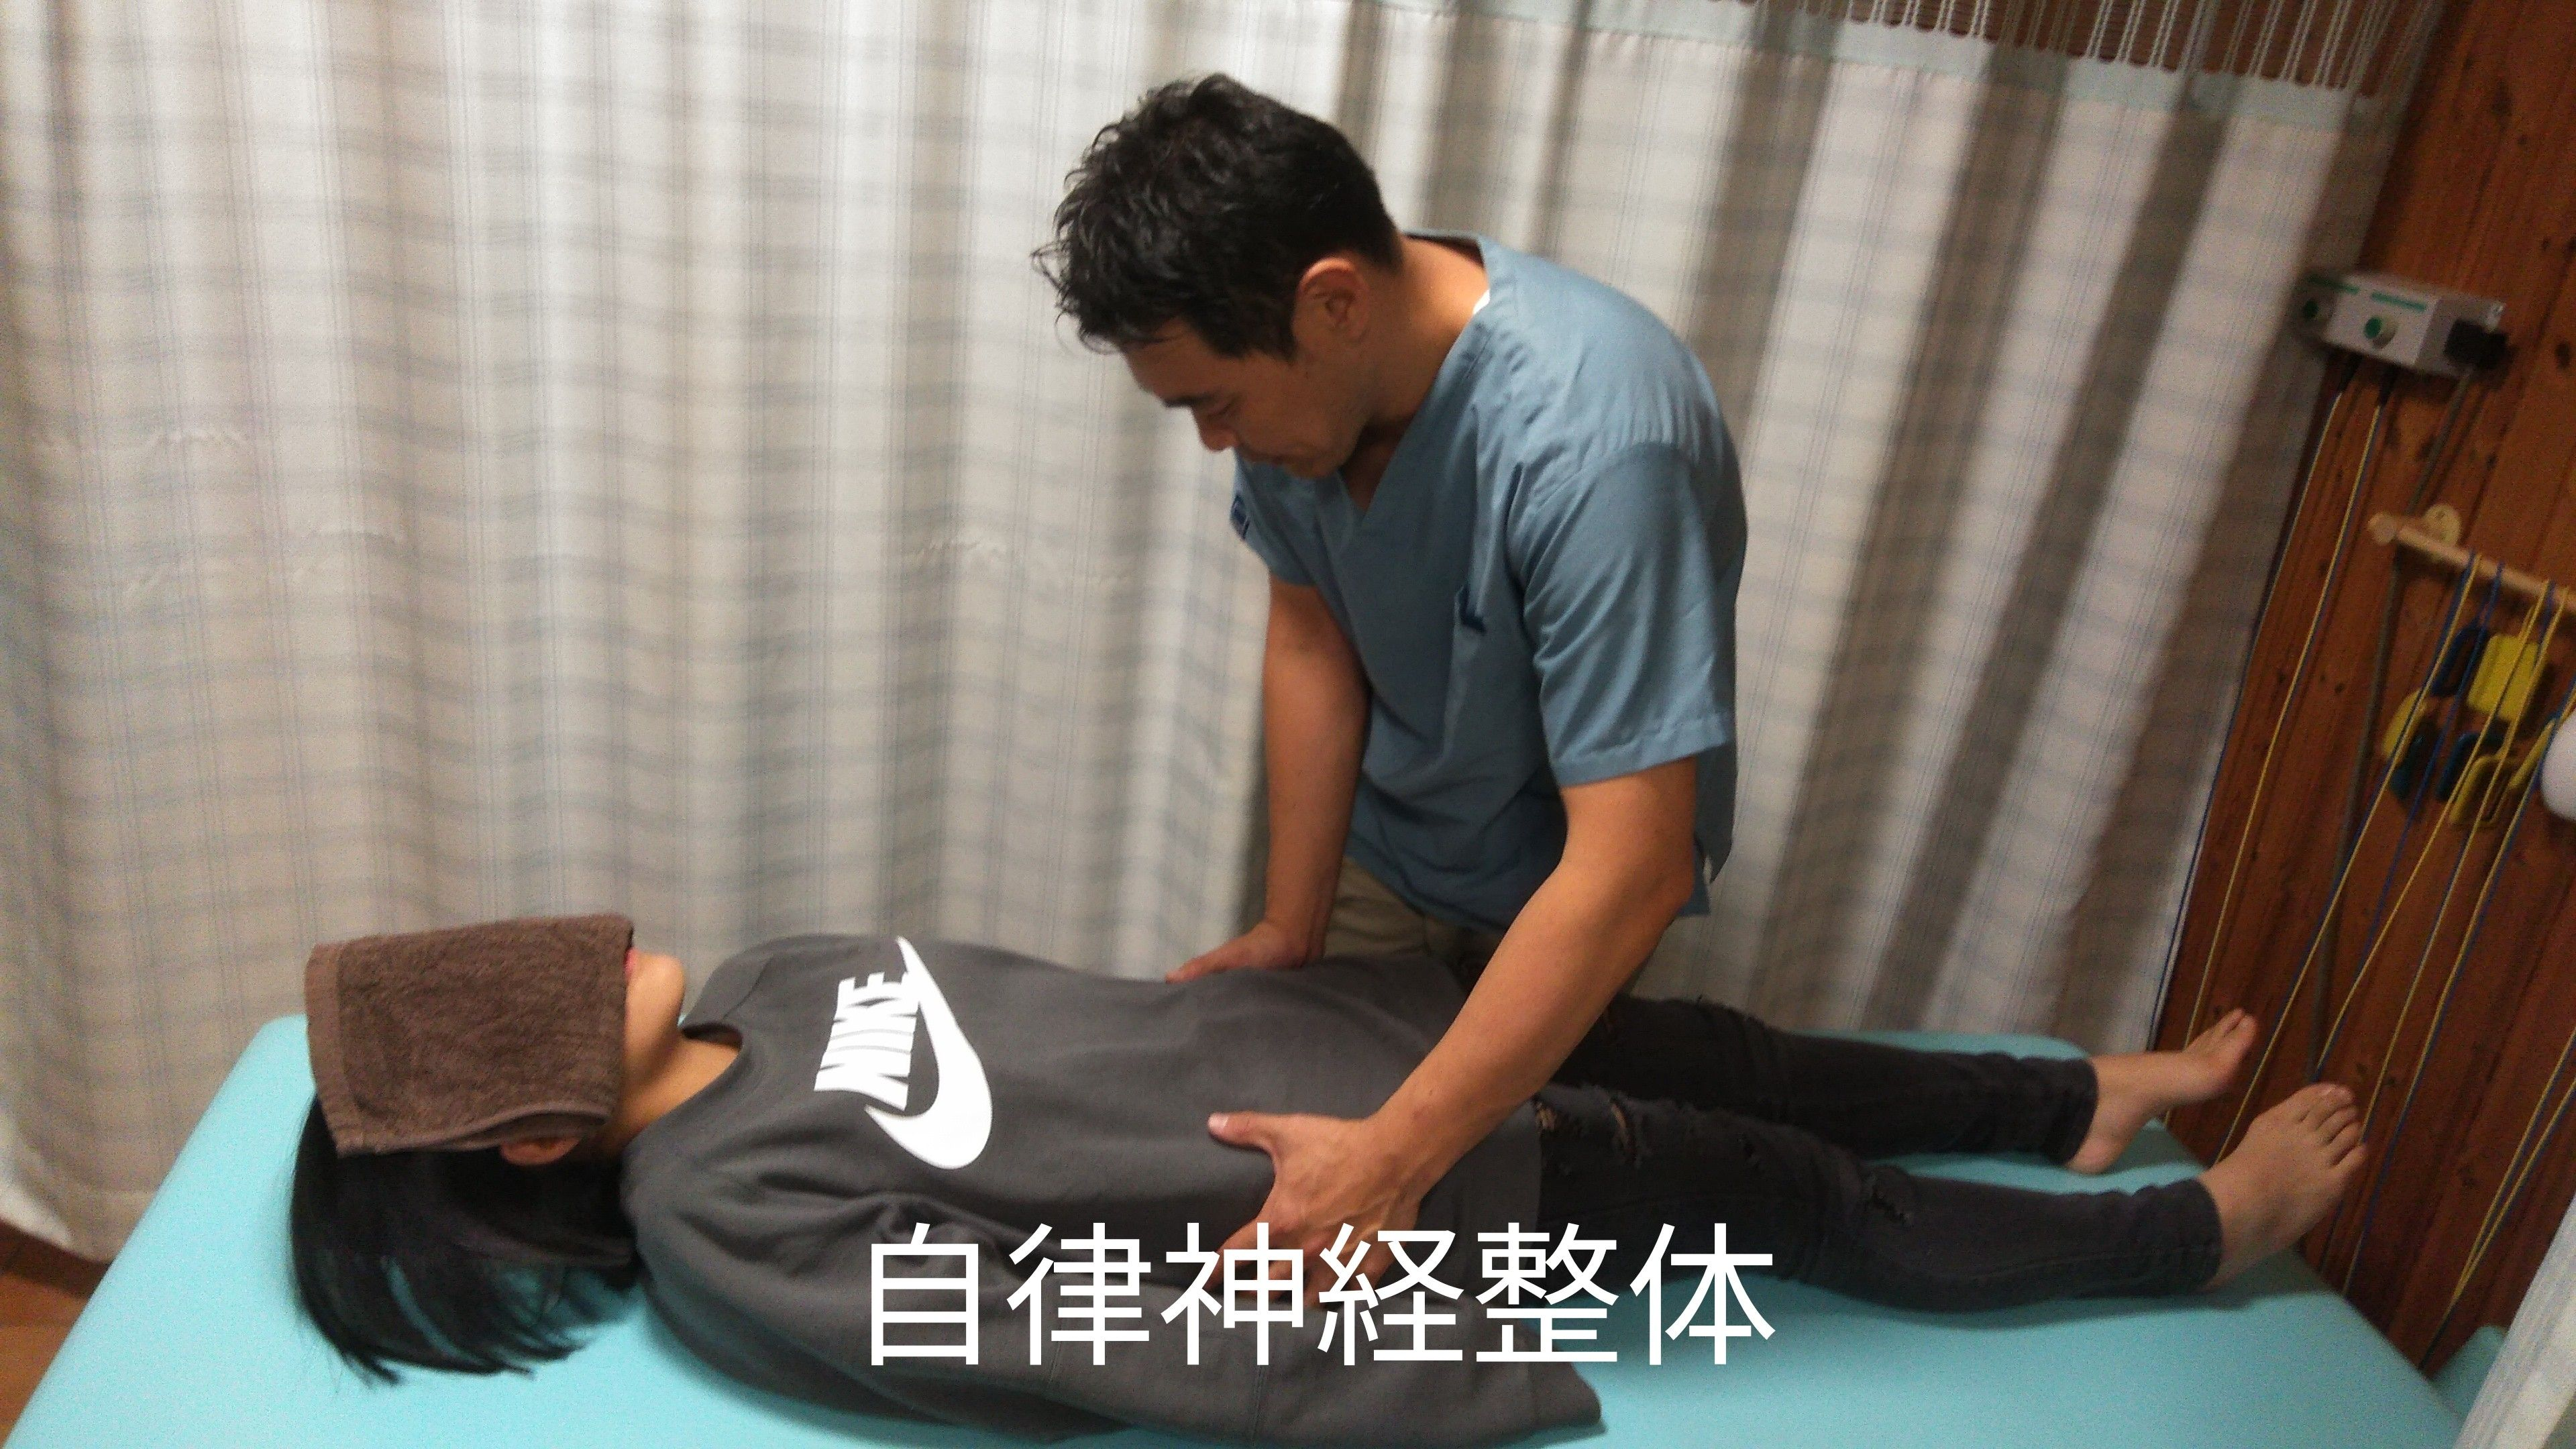 神戸市はた整骨院  腰痛 肩こり   顎関節症 自律神経からくる不調 でお悩みの方当院にご相談下さい。